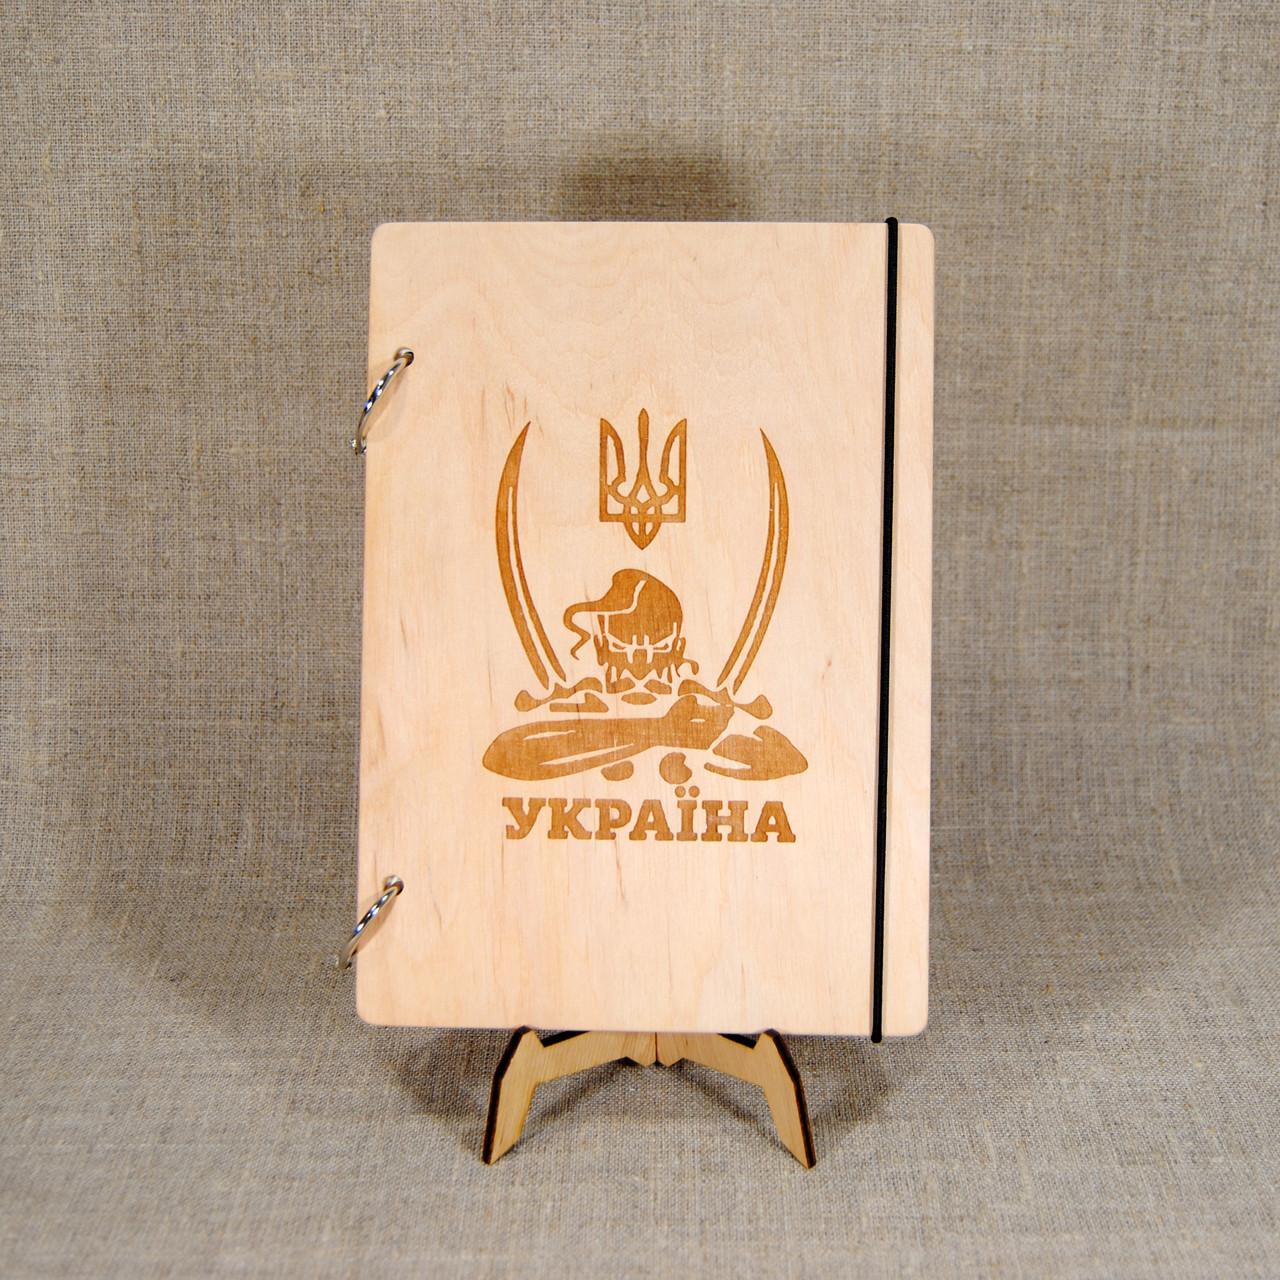 Деревянный блокнот M (А5 формат). Скетчбук Козак. Блокнот с деревянной обложкой.